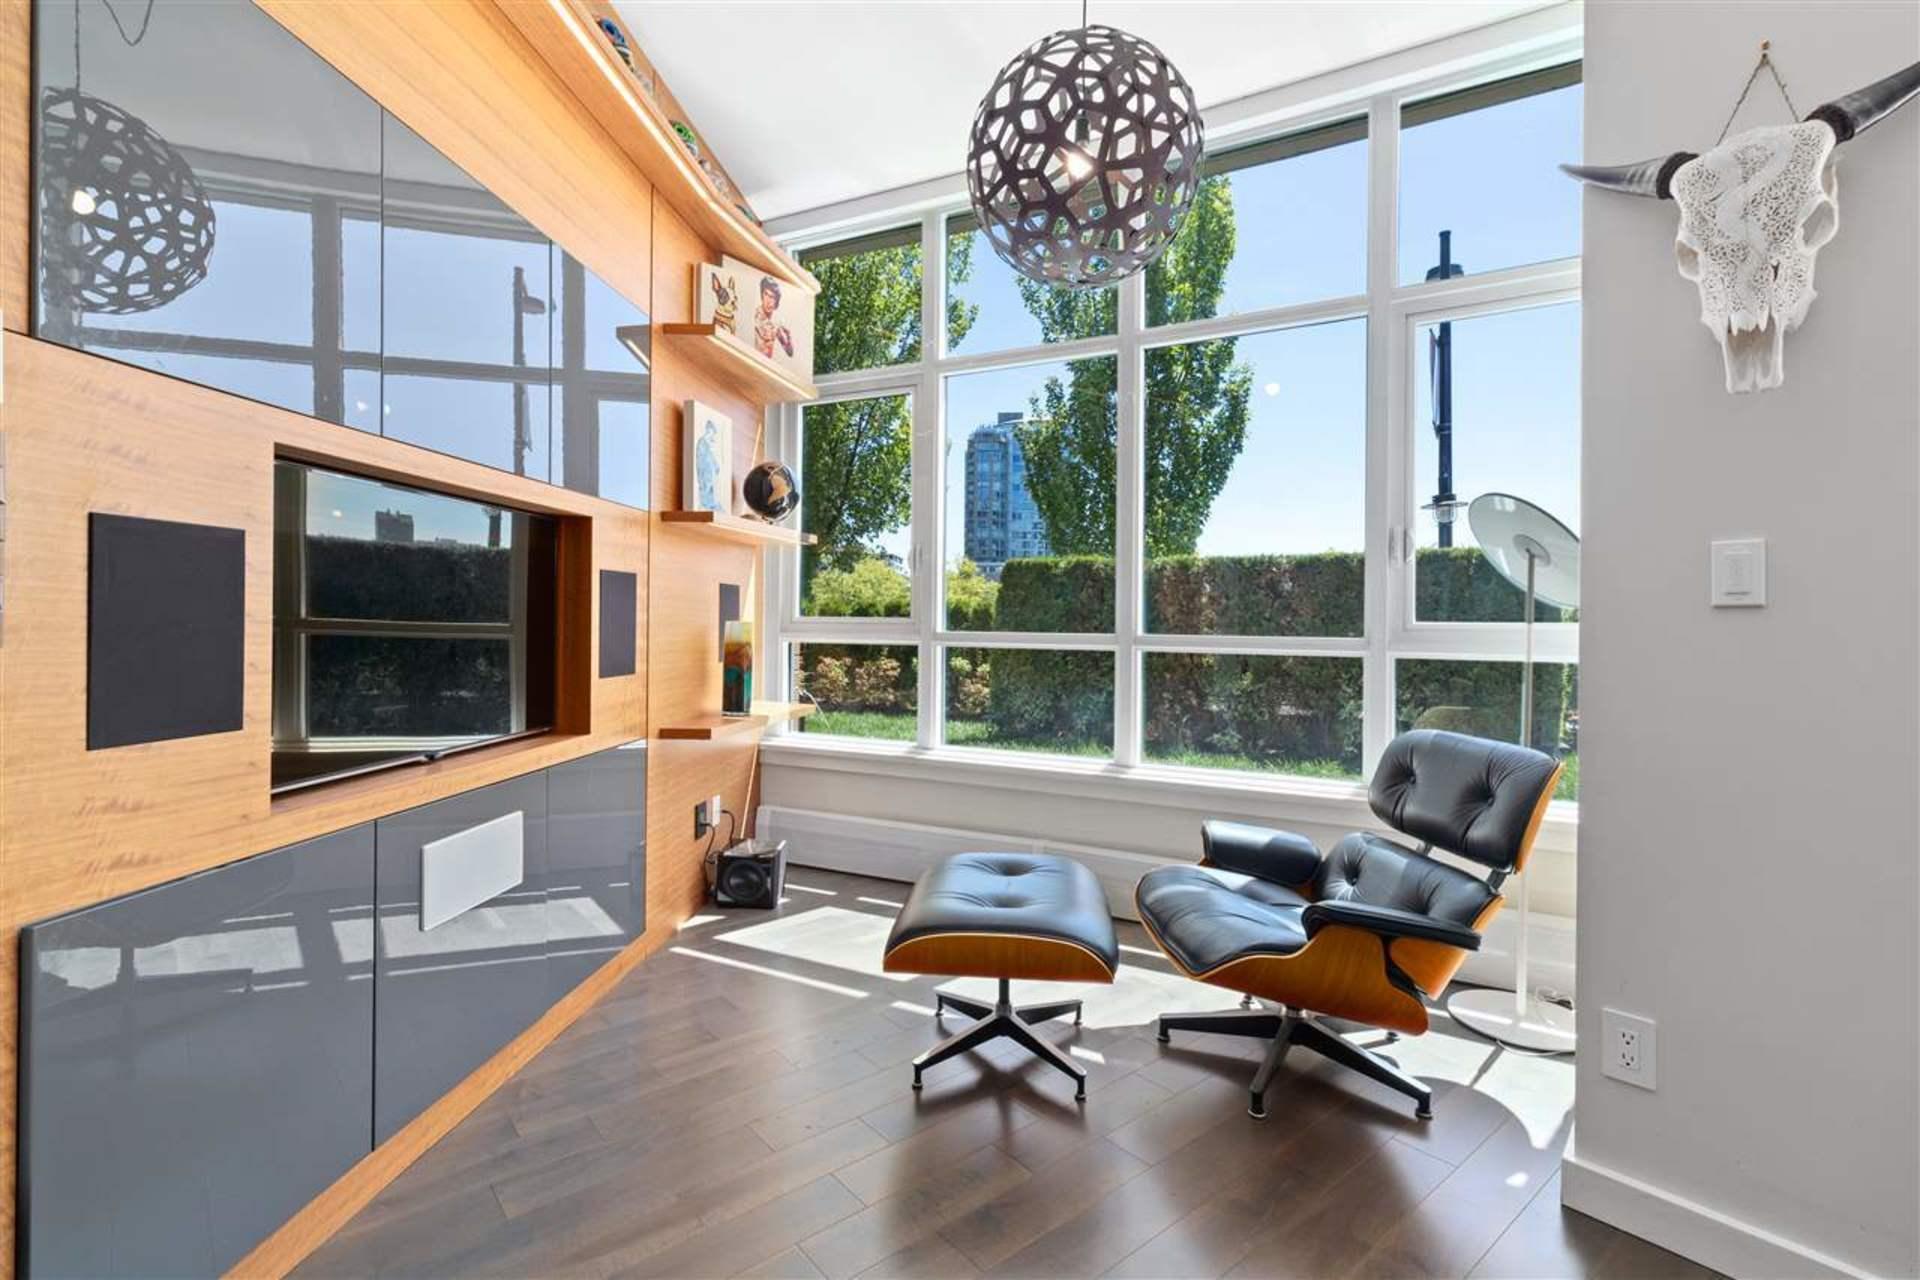 388-drake-street-yaletown-vancouver-west-05 at 103 - 388 Drake Street, Yaletown, Vancouver West